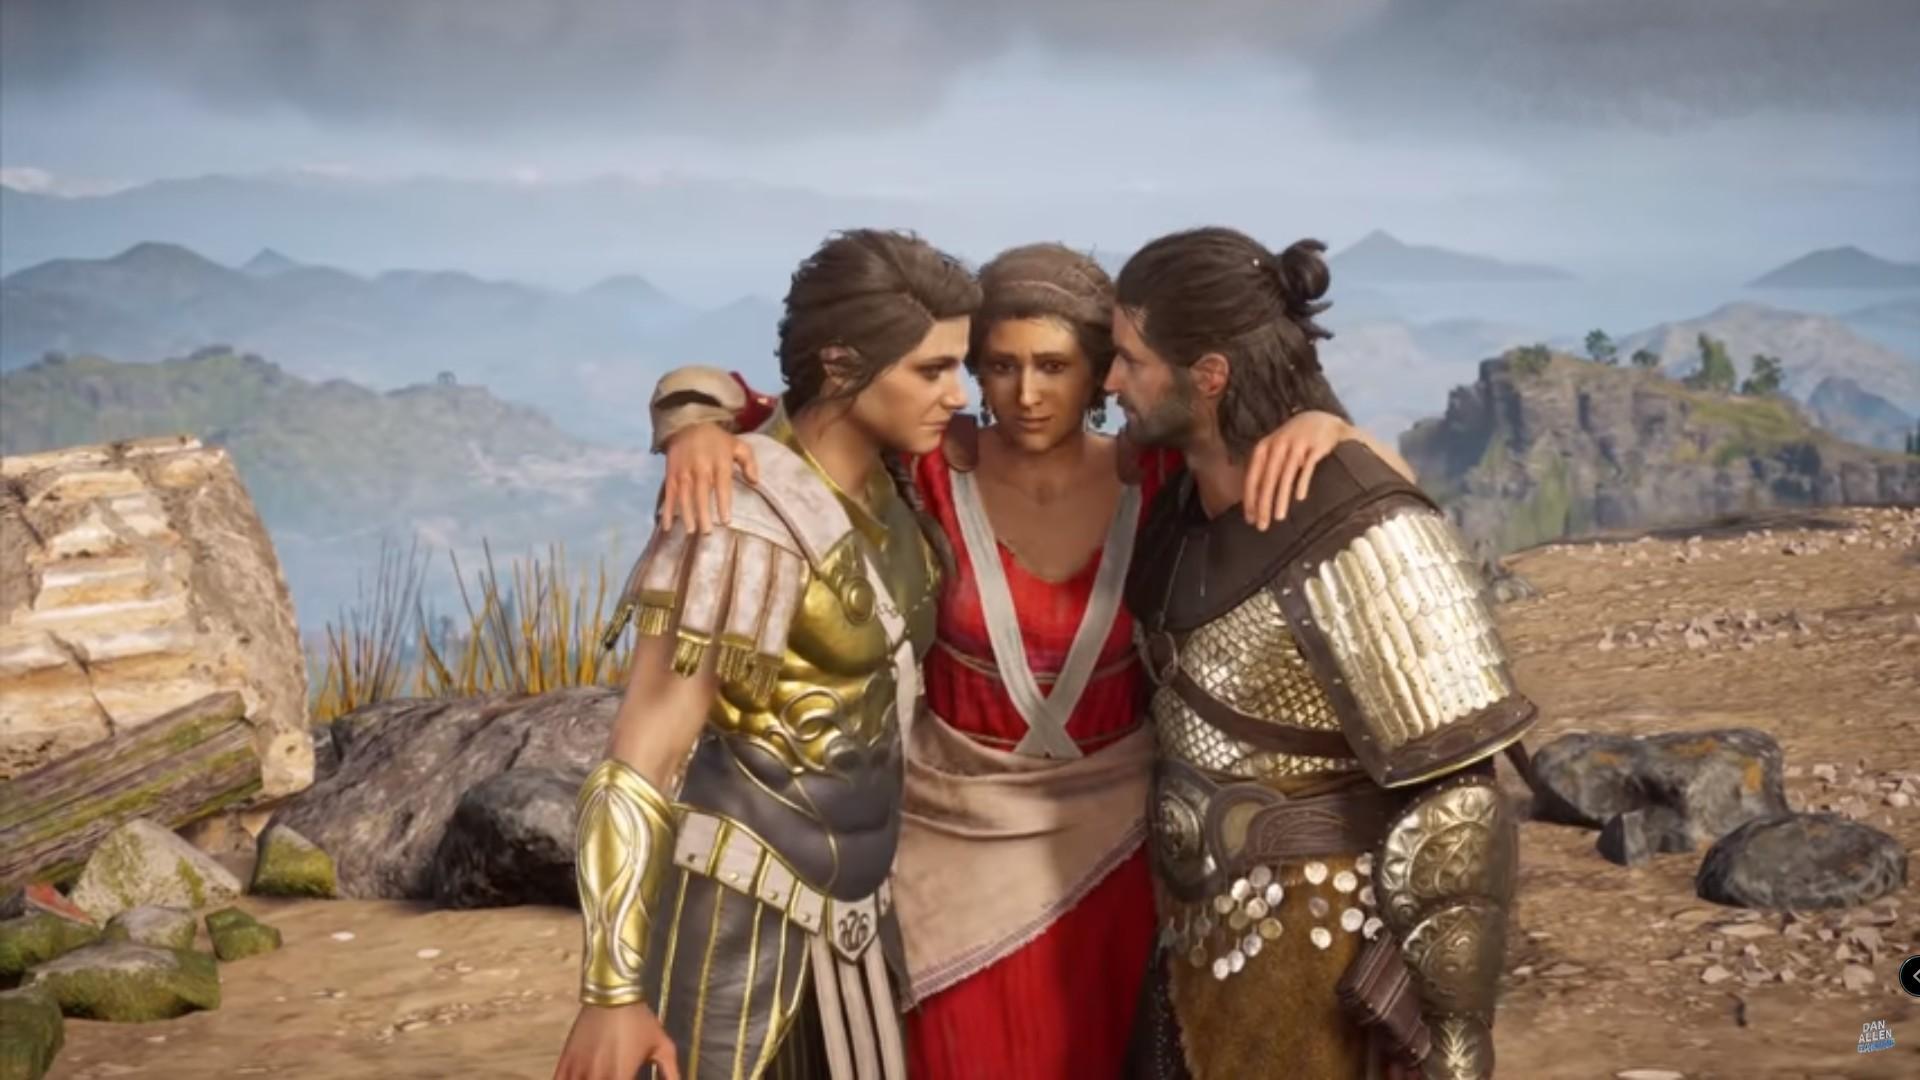 Como conseguir o final feliz em Assassin's Creed Odyssey: Todos vivem!